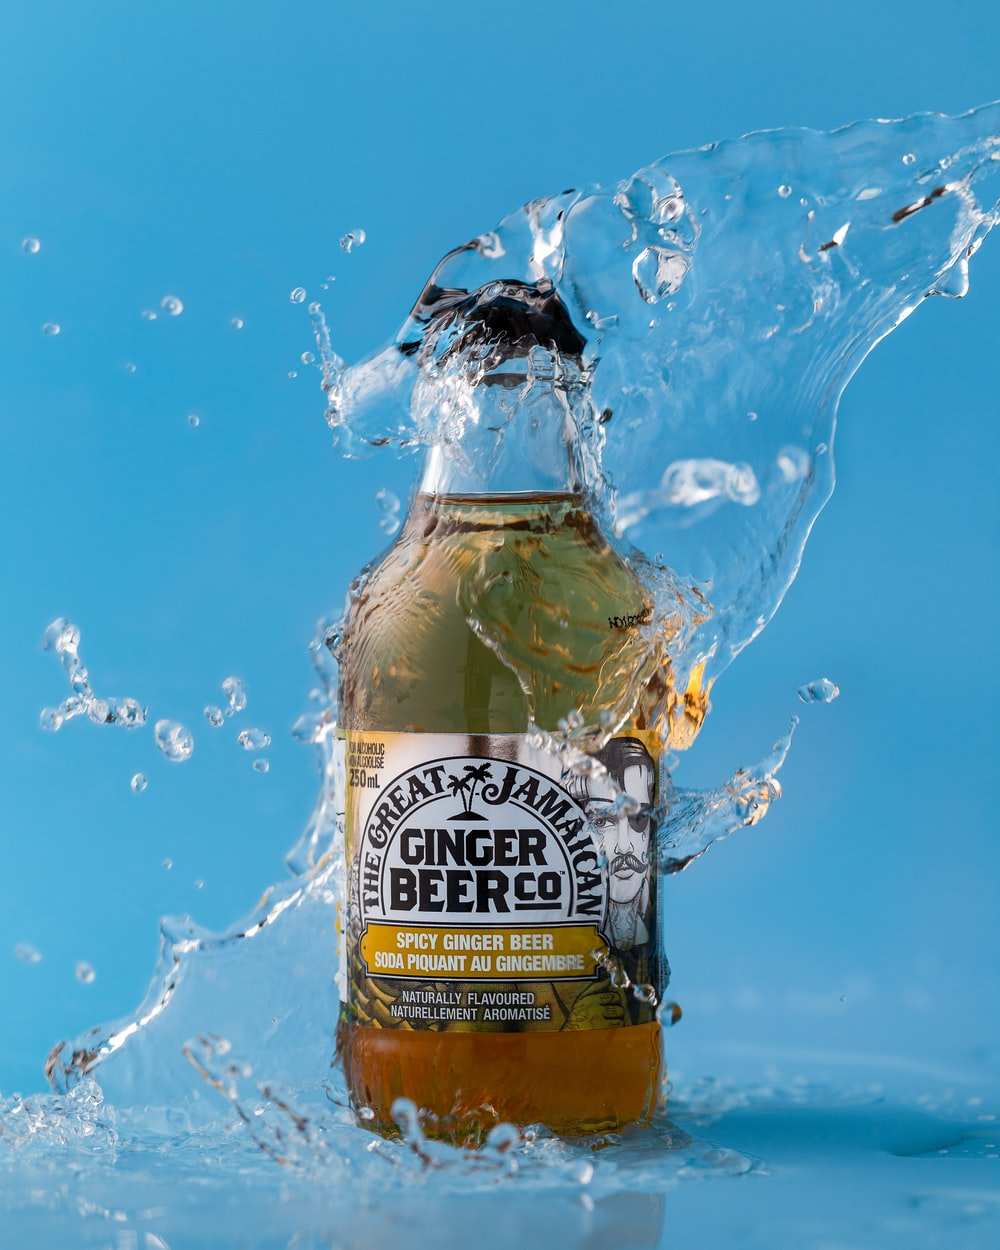 water splashing on Ginger Beer Co bottle